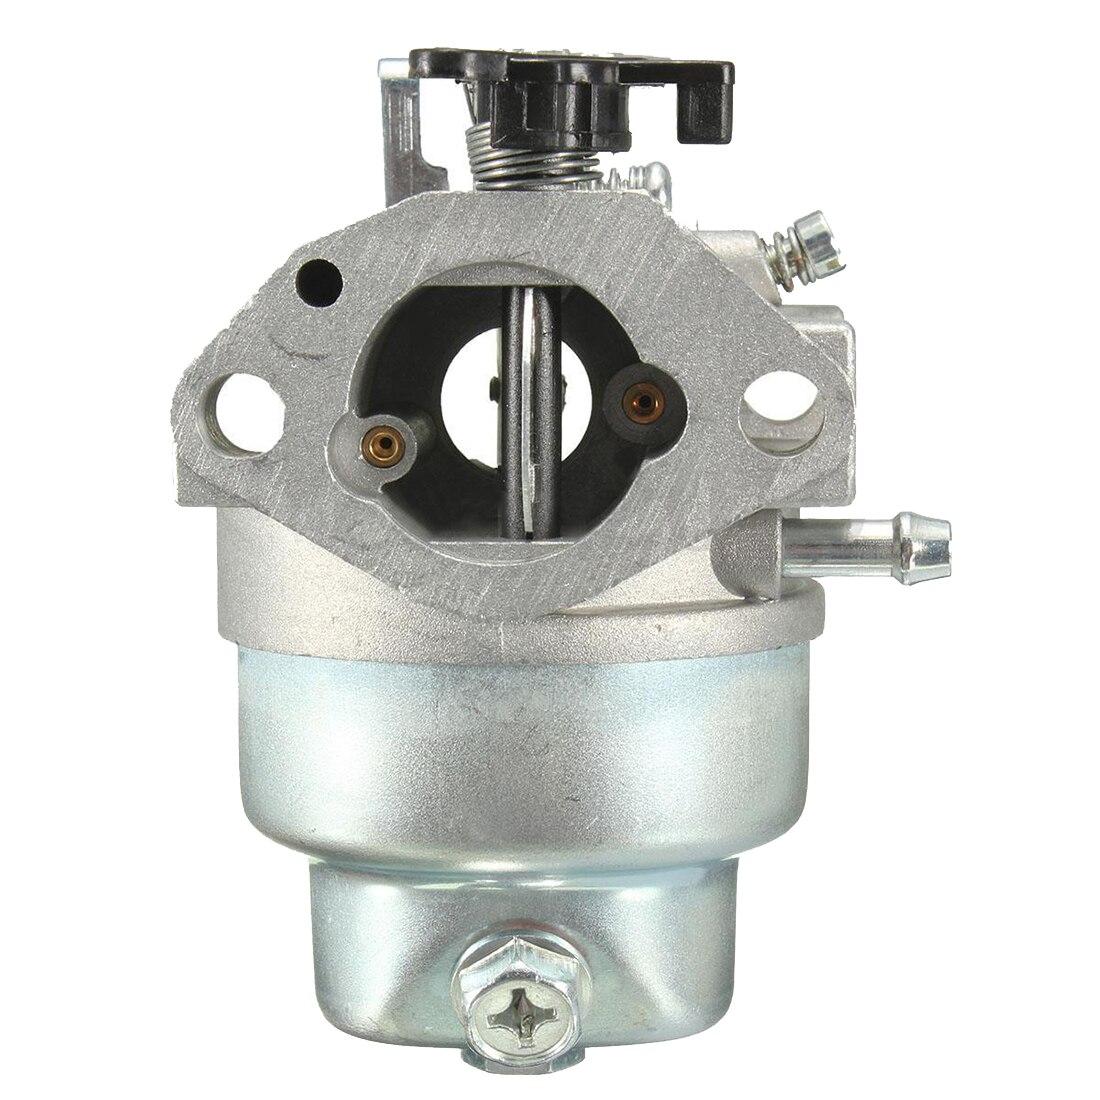 Регулируемый Карбюратор Carb для HONDA GCV160 HRB216 HRS216 HRR216 HRT216 двигатель Серебряный